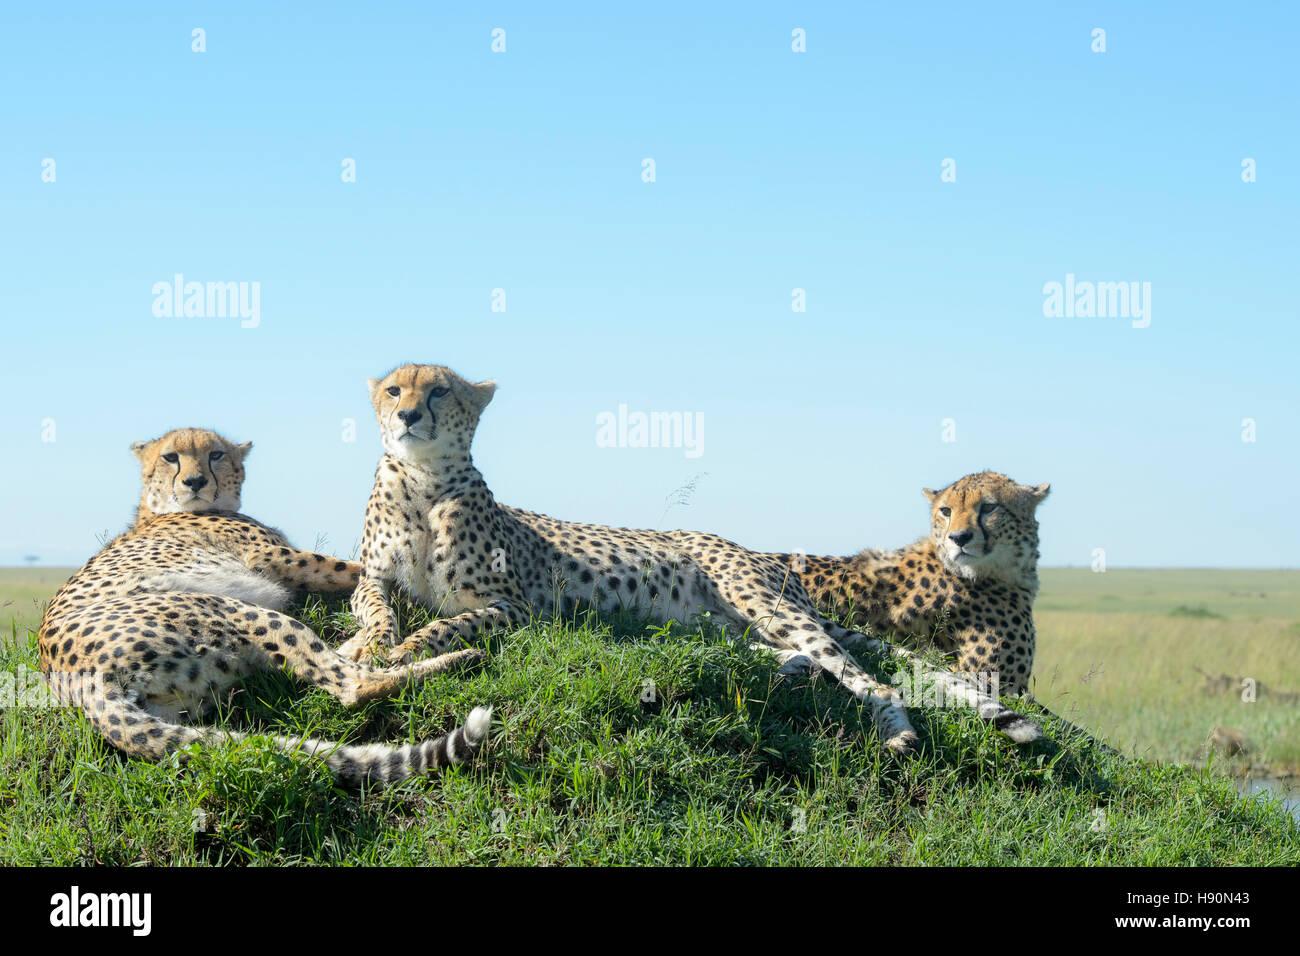 Drei Cheetah (Acinonix Jubatus) auf Hügel in Savanne, Nahaufnahme, Masai Mara National Reserve, Kenia Stockbild